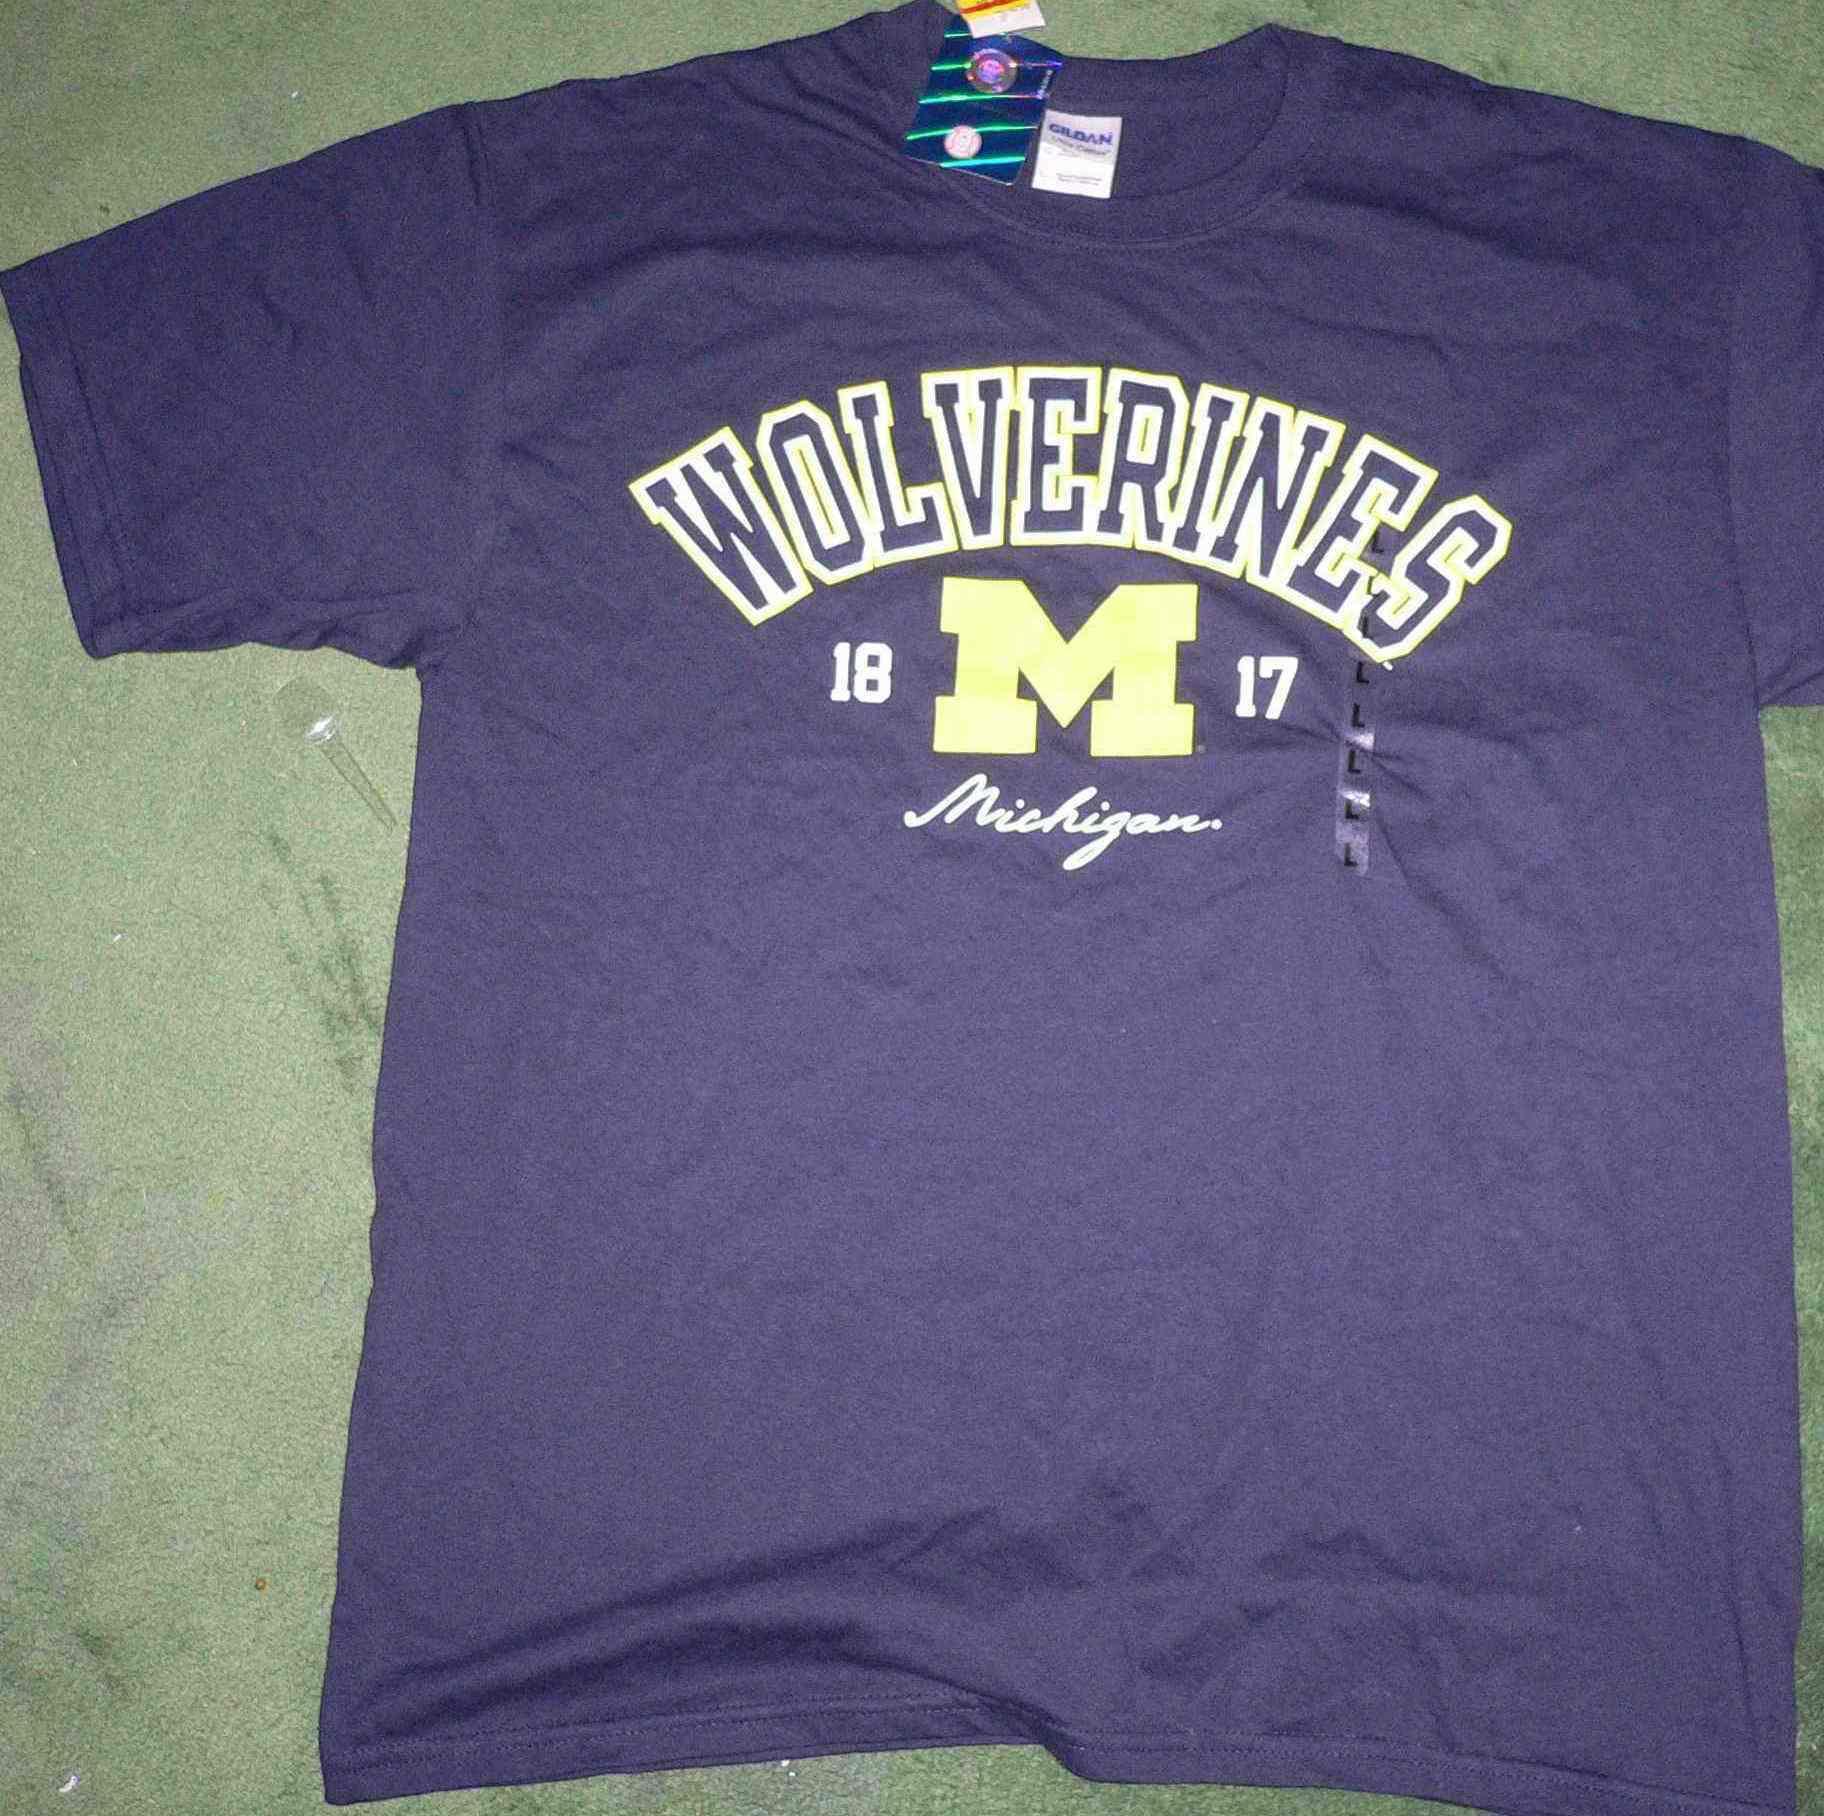 Близко отдых корень университет (Мичиган) Росомахи регби команда команда одежда L количество